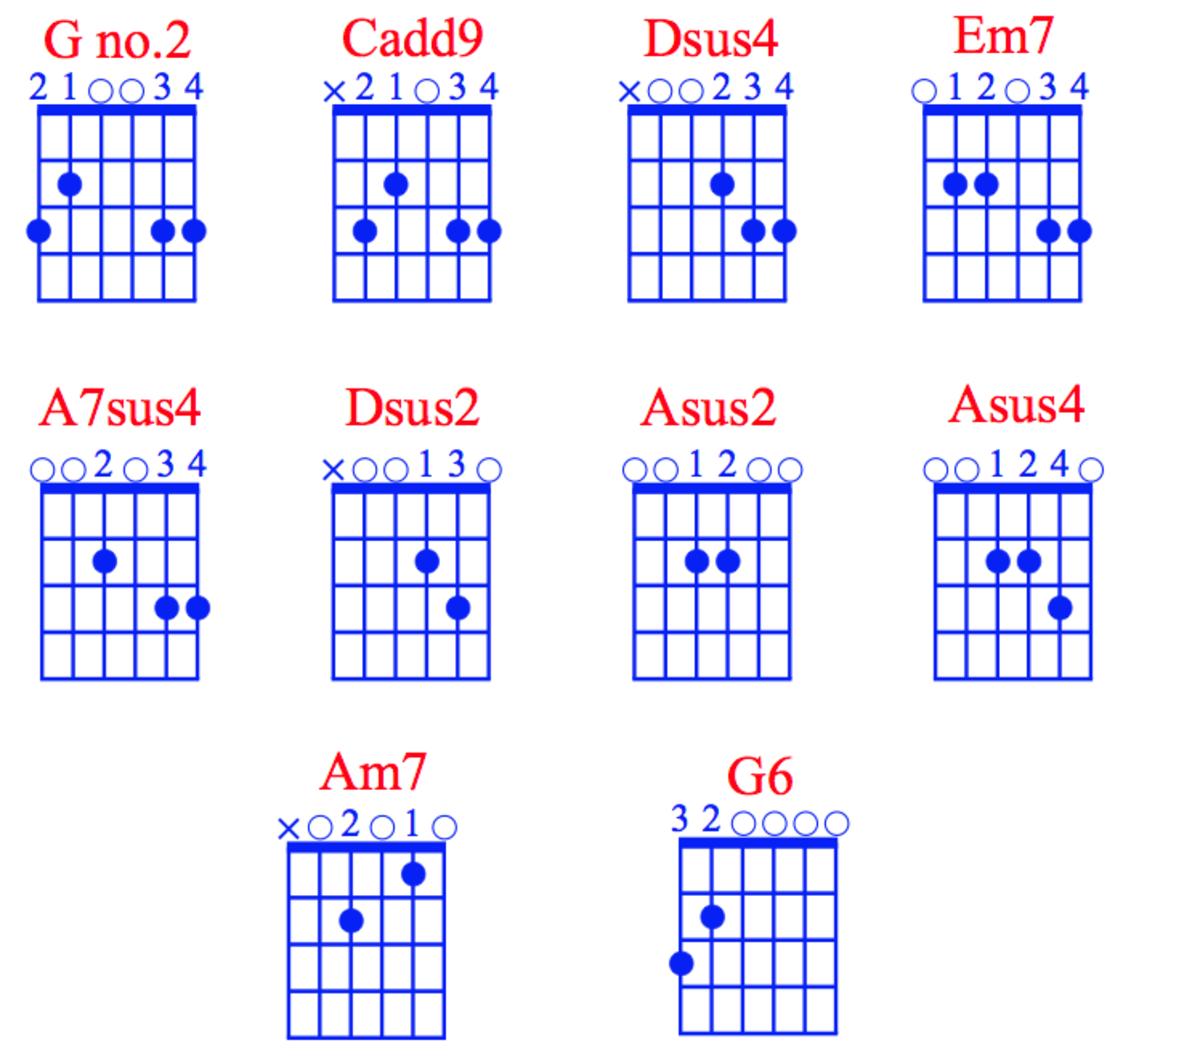 Easy Guitar Songs u2022 Pink Floyd, Poison, Blue Rodeo, Fleetwood Mac u2022 Guitar Chords, Strumming ...